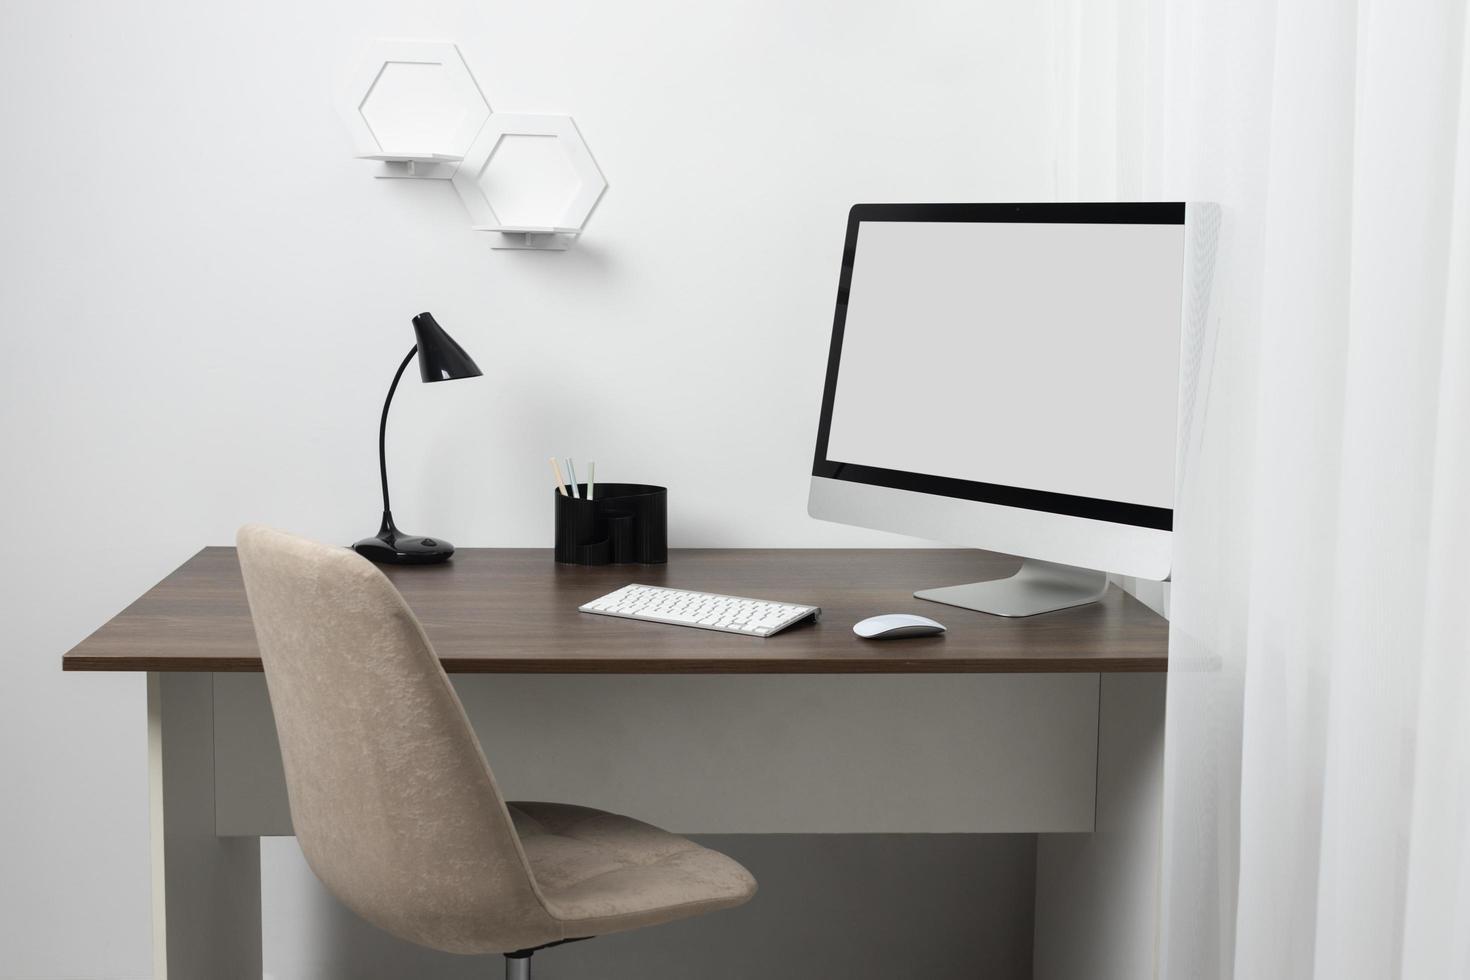 agencement de bureau grand angle avec ordinateur portable photo